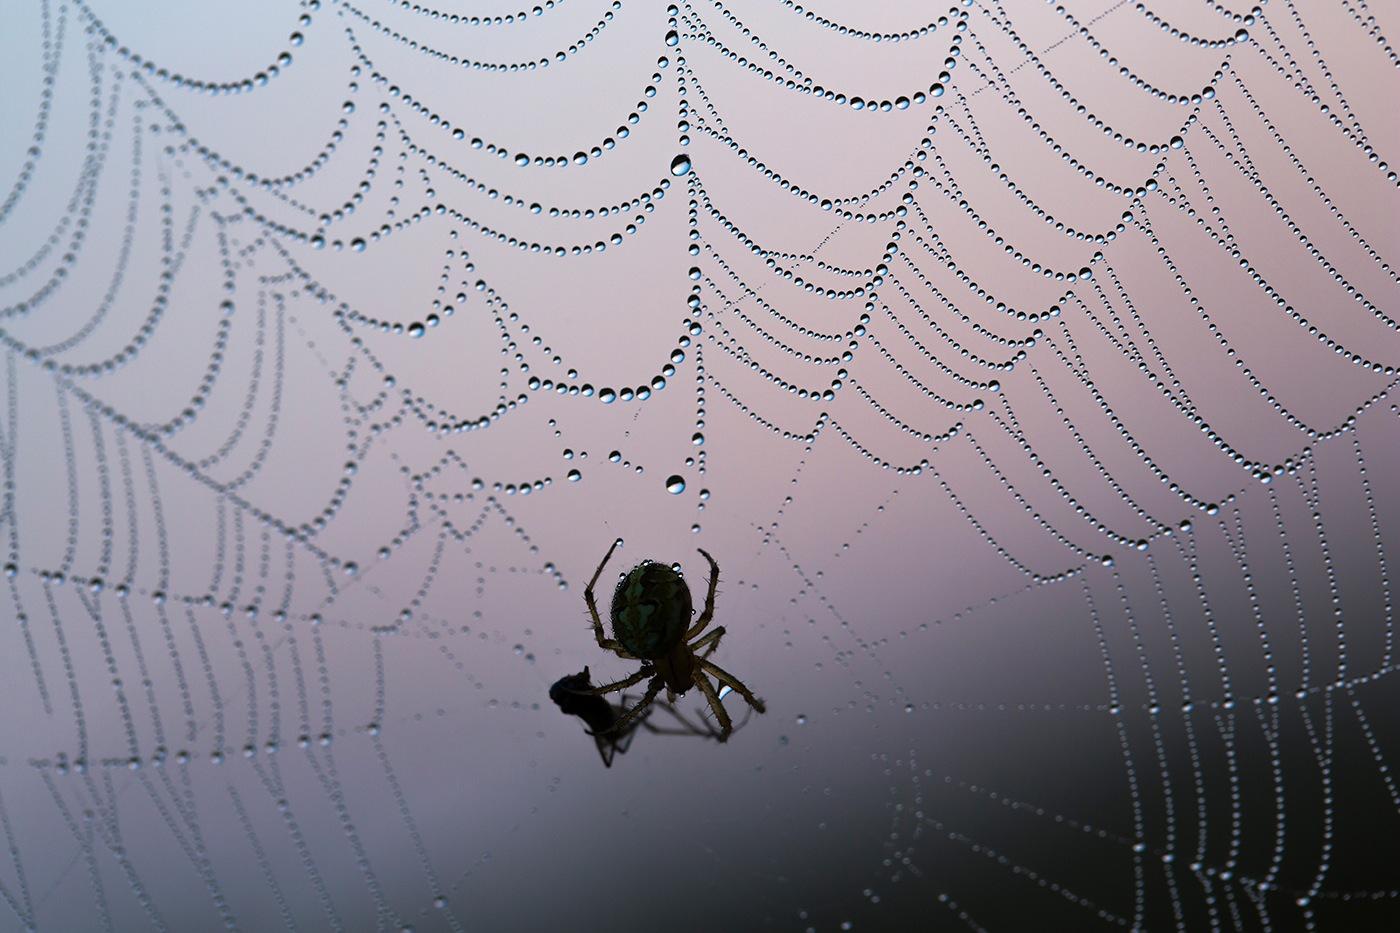 Toile d'araignée Epeire Diadème (Araneus diadematus)